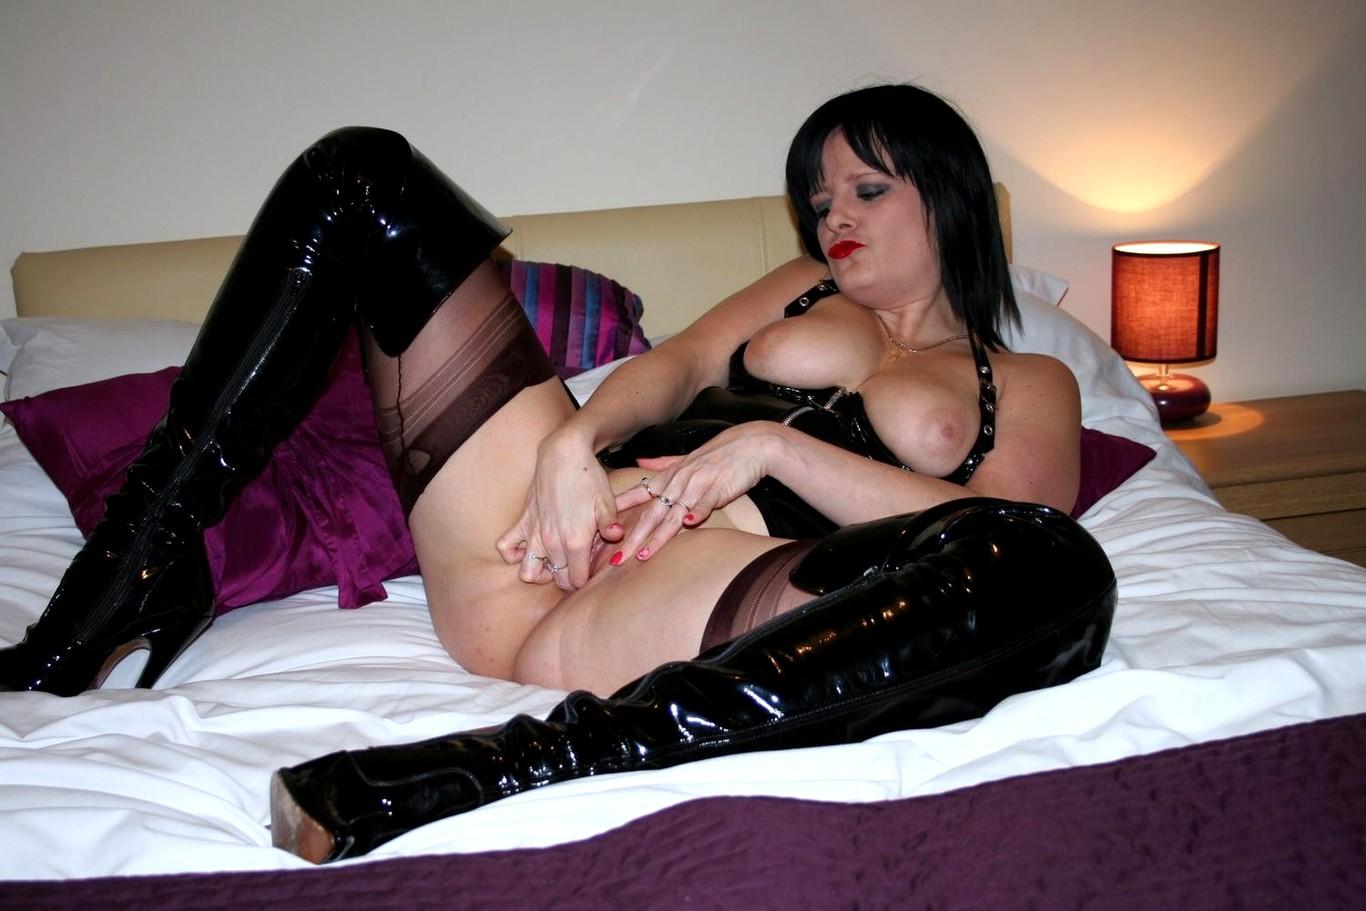 Госпожа извращенка порно онлайн — photo 3